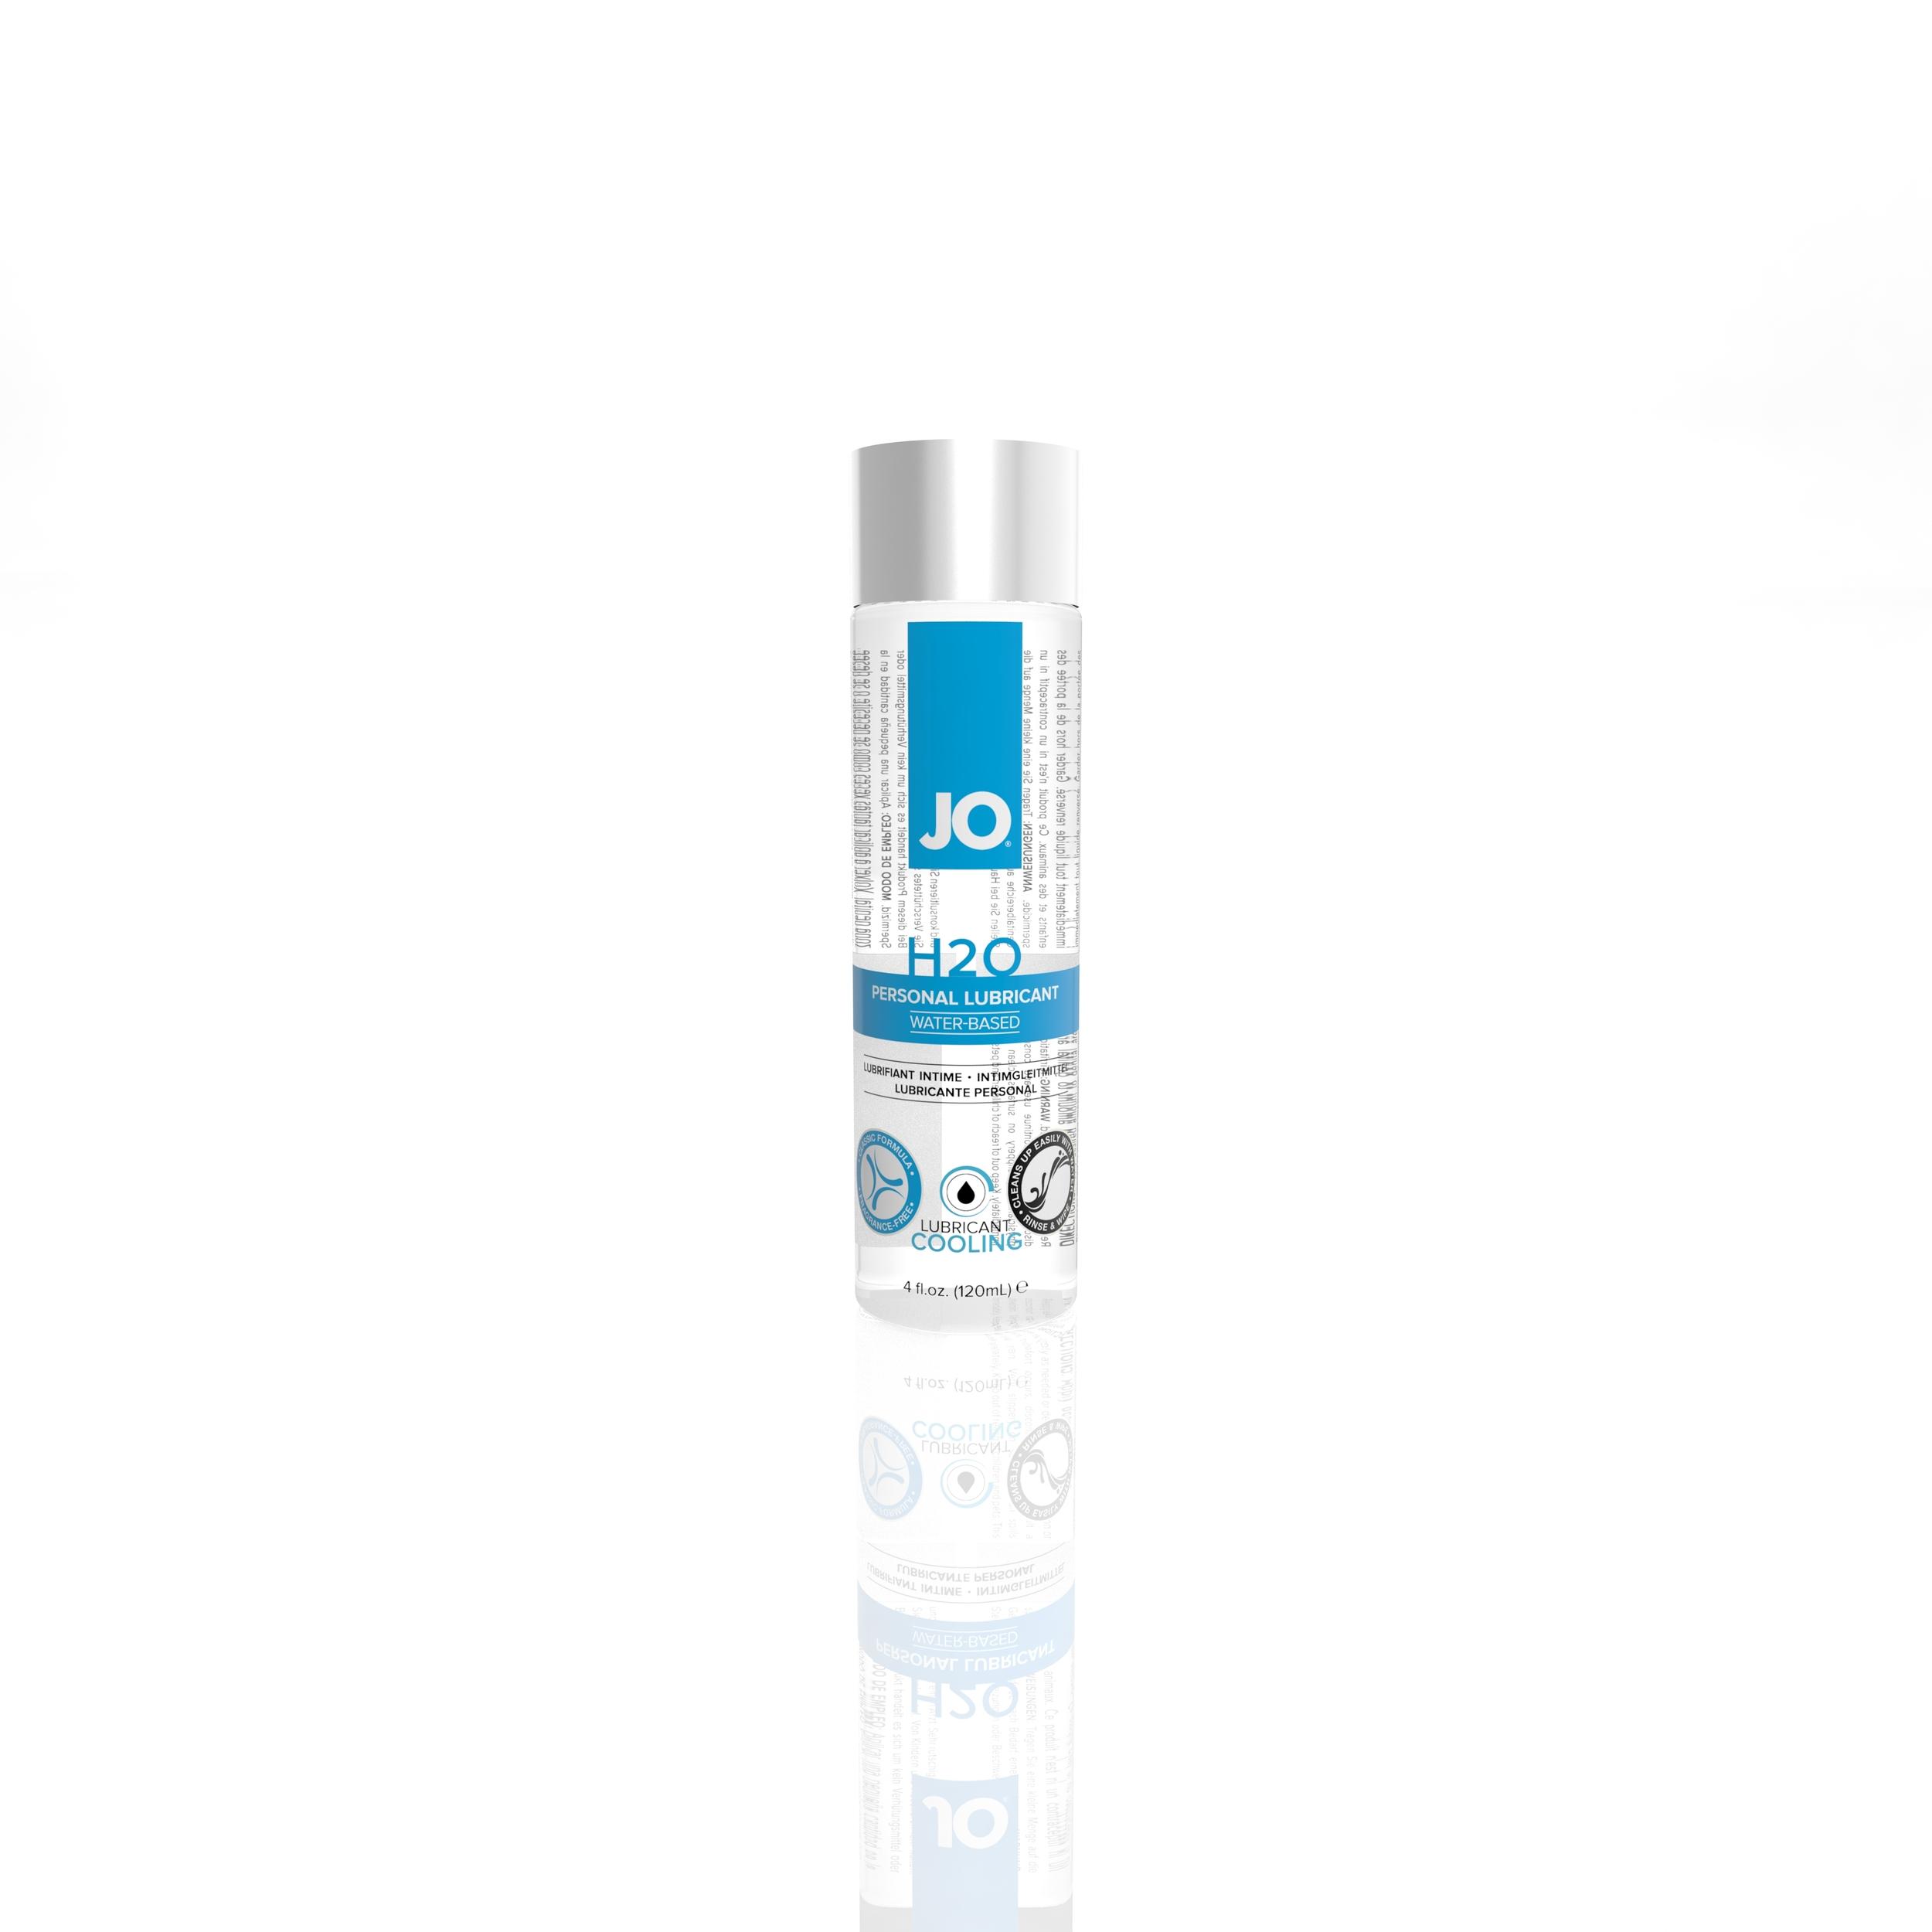 40207 - JO H2O LUBRICANT - COOLING - 4fl.oz120mL.jpg